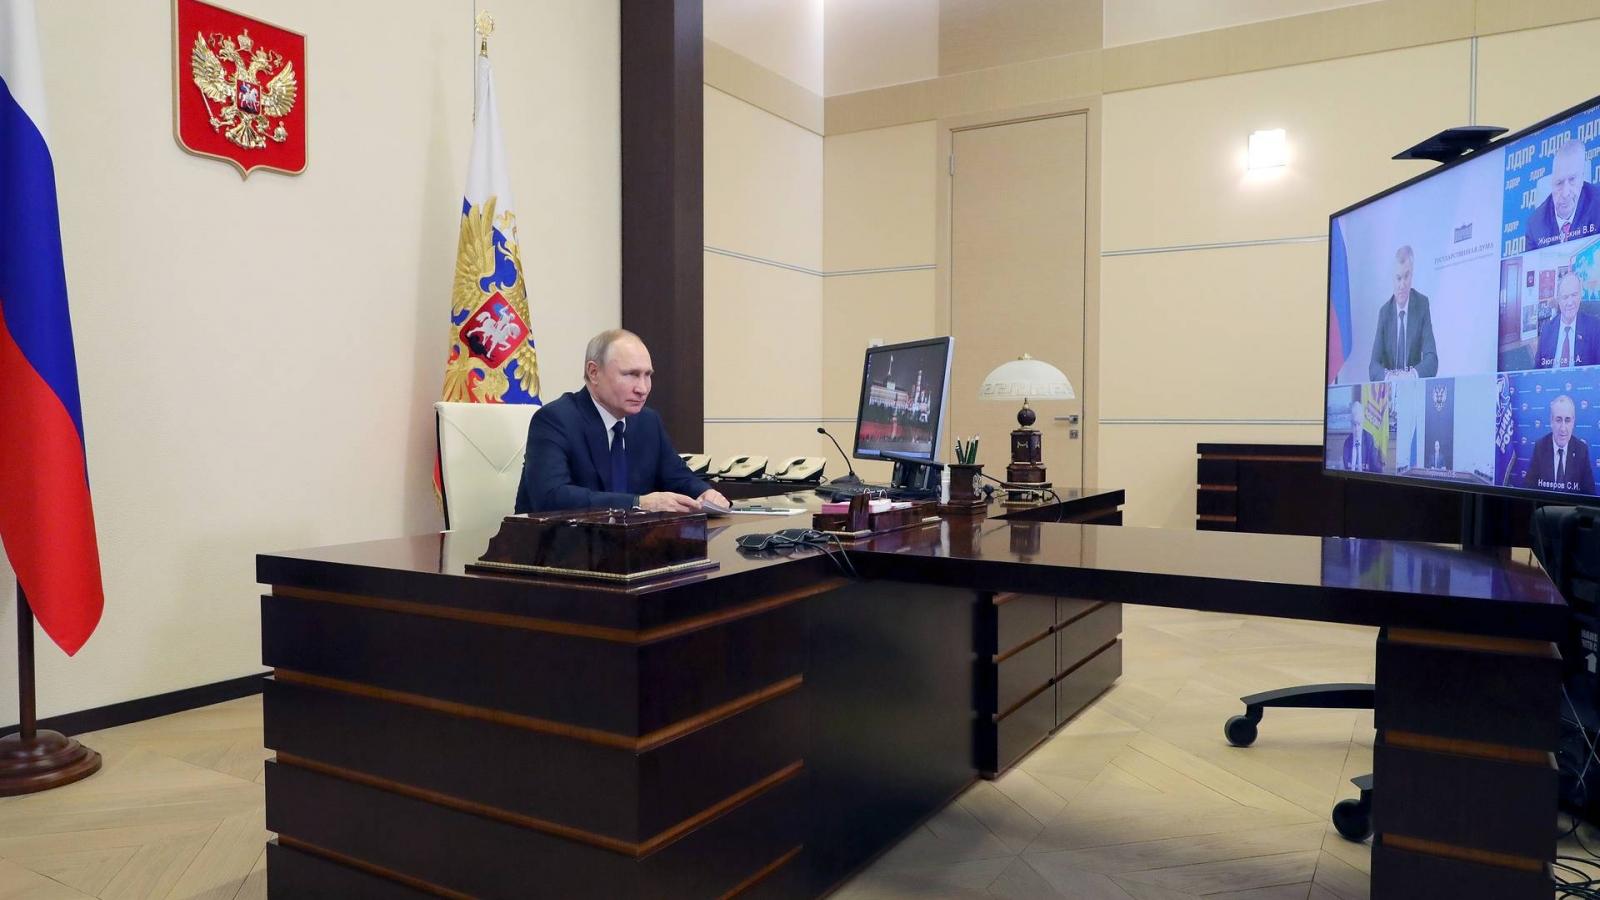 Nga quyết không để thế lực bên ngoài can thiệp vào cuộc bầu cử Duma Quốc gia